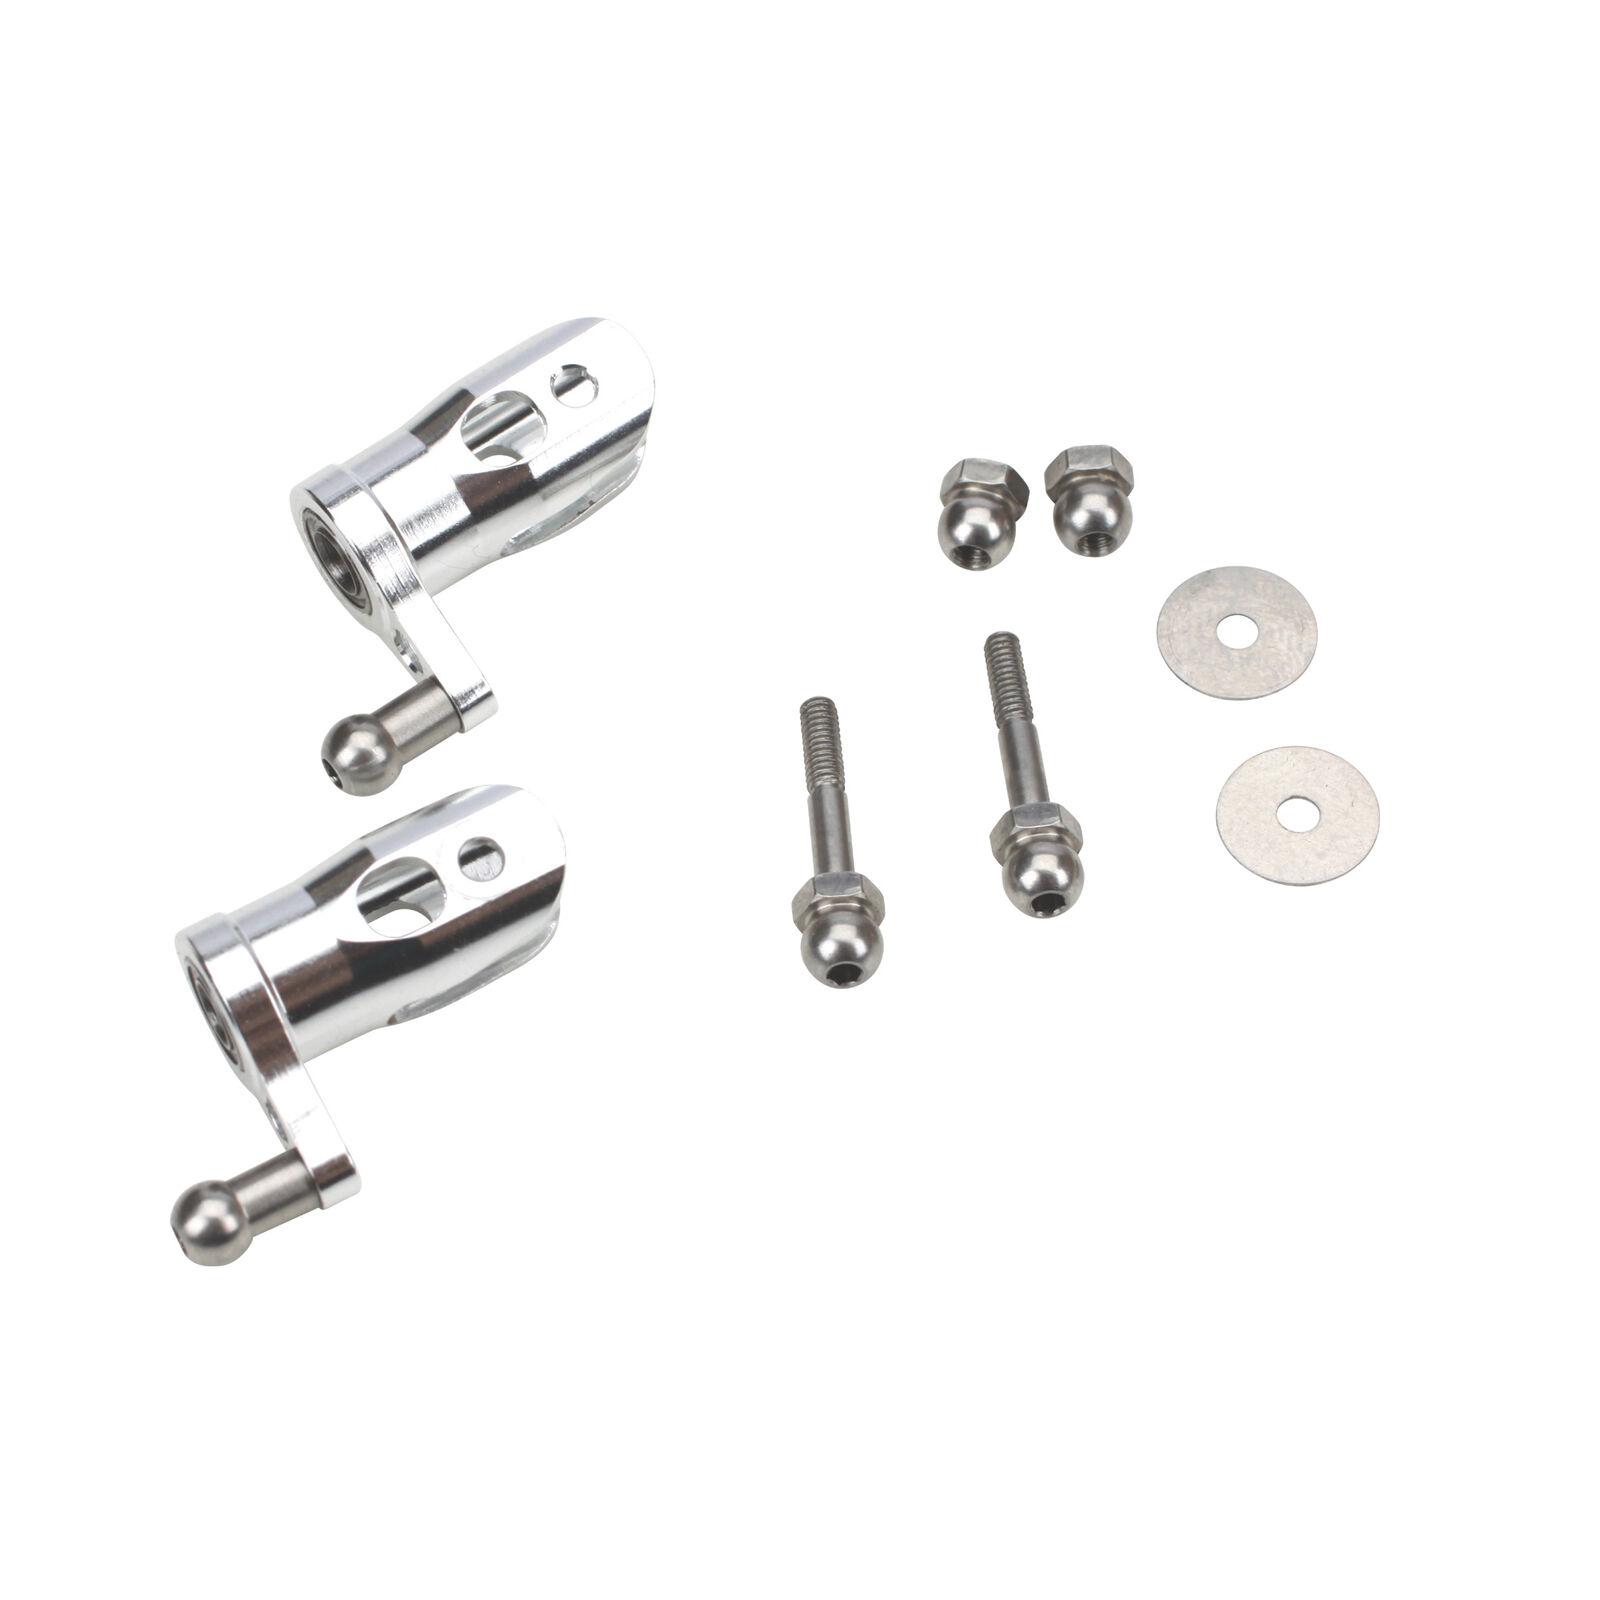 Blade Aluminium Blatthalter Heckrotor: B450